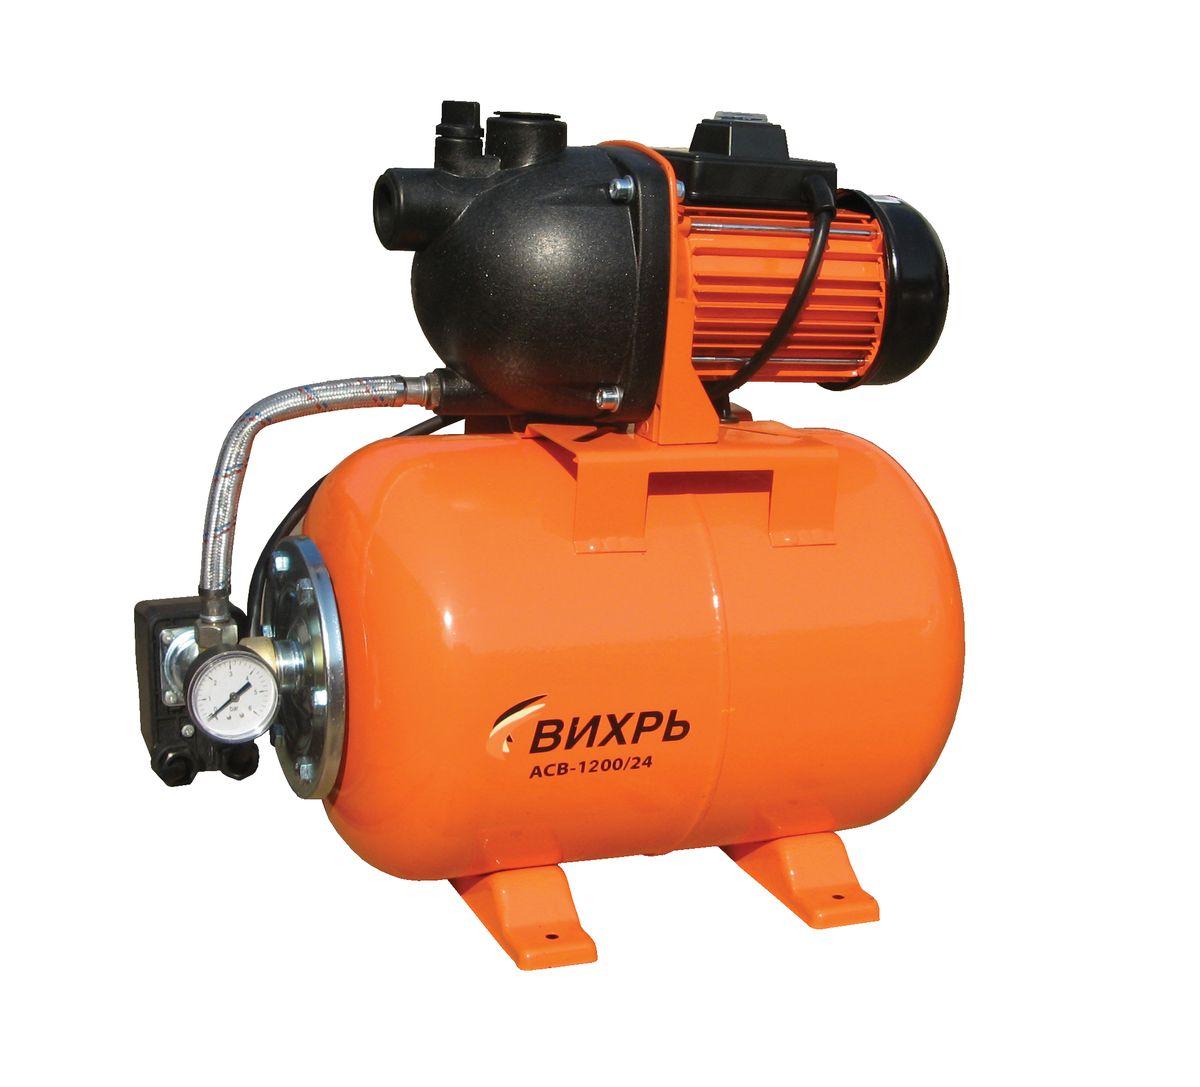 Насосная станция Вихрь АСВ-1200/2468/1/2Насосная станция Вихрь АСВ-1200/24 предназначена для бесперебойного водоснабжения в автоматическом режиме, коттеджей, дач, ферм и других потребителей. При этом она автоматически поддерживает необходимое давление в системе водоснабжения, самостоятельно включаясь и отключаясь по мере расходования воды потребителями.Встроенный датчик давления обеспечивает автоматическое включение насоса в случае необходимости. Гидроаккумулятор служит для аккумулирования воды под давлением и сглаживания гидроударов. Он состоит из стального резервуара со сменной мембраной из пищевой резины и имеет пневмоклапан для закачивания сжатого воздуха.Насос со встроенным эжектором, сочетает преимущества центробежных с практичностью самовсасывающих насосов. Встроенный внутренний эжектор с системой труб Вентури обеспечивает хорошие условия всасывания на входе в насос и позволяет создать высокое давление на выходе. Они позволяют перекачивать воду с меньшими, по сравнению с обычными центробежными насосами, требованиями к чистоте и наличию растворенных газов. Рабочее колесо и проточный блок направляющий аппарат - трубка Вентури - сопло выполнены из износостойких пластических материалов.Насосная станция не может использоваться на открытом воздухе при температуре окружающей среды ниже +1°С. Запрещается перекачивание горячей (выше +50°С) воды.